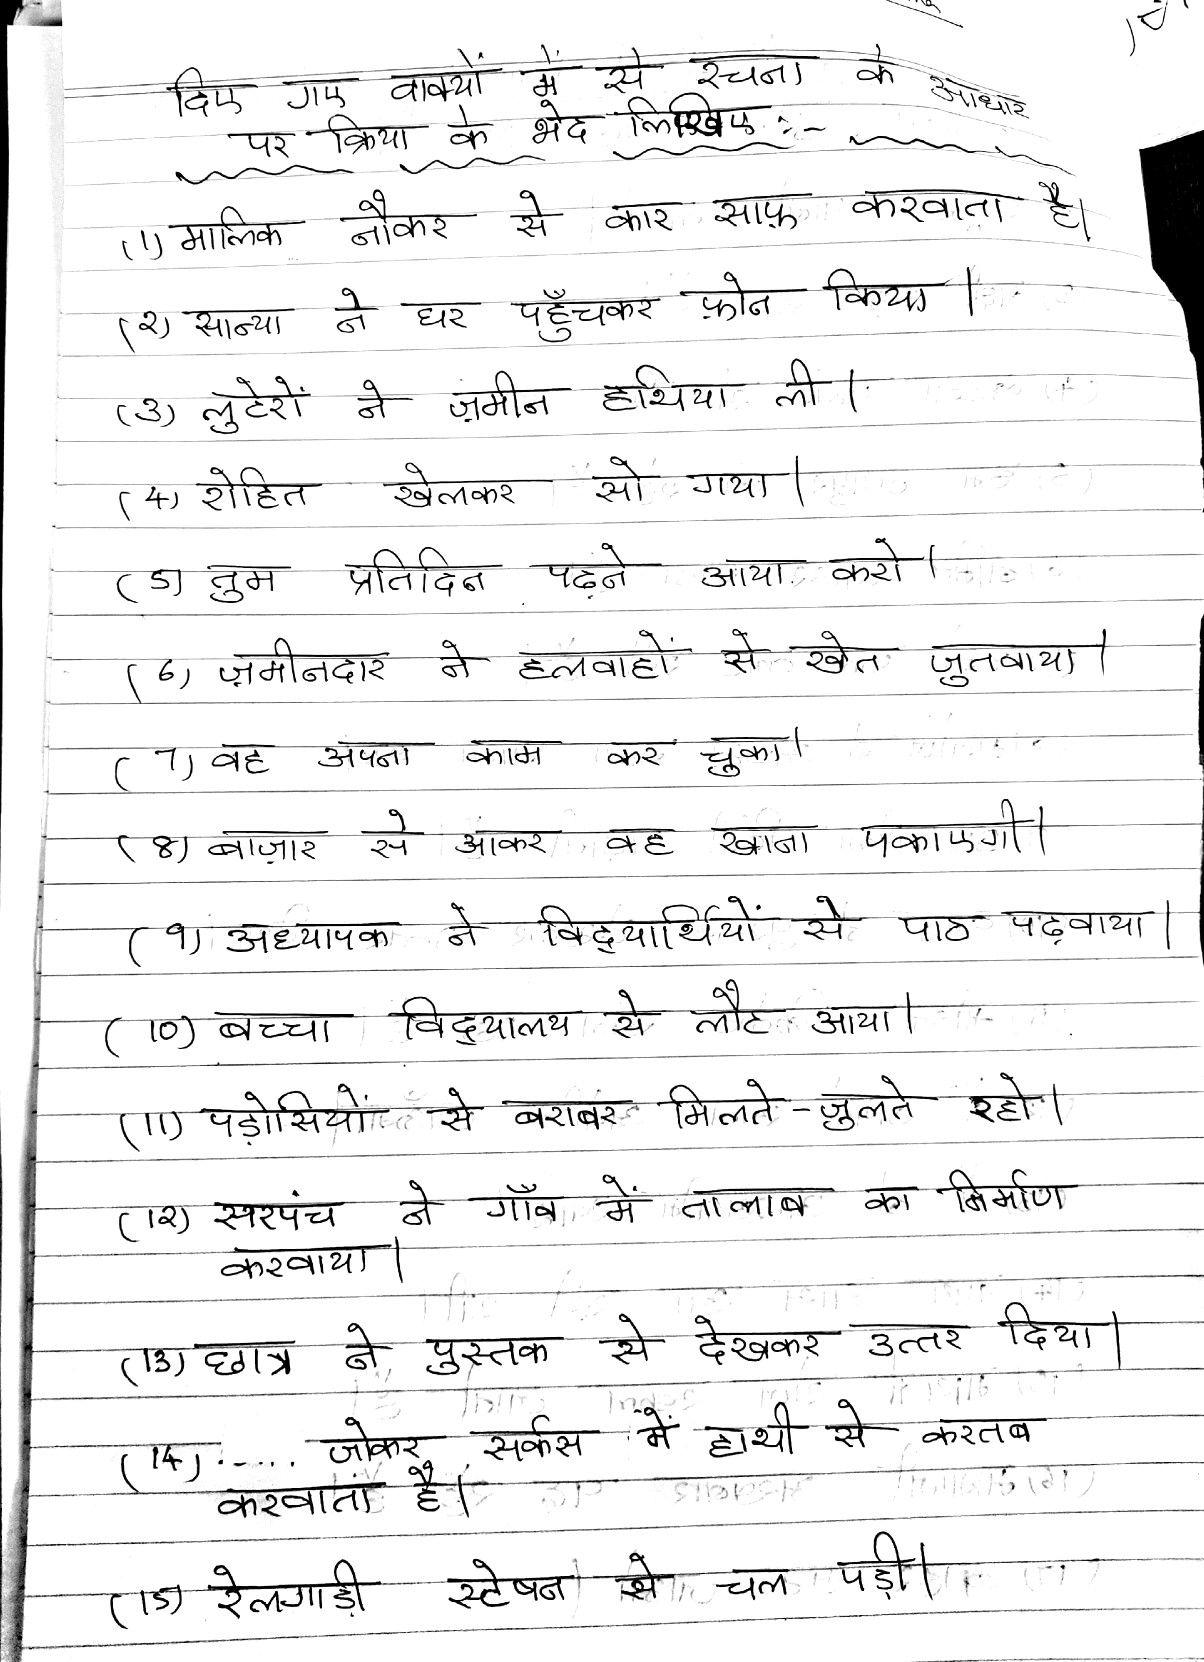 small resolution of KRIYA -- रचना के आधार पर क्रिया के भेद (PREETHA)   Hindi worksheets